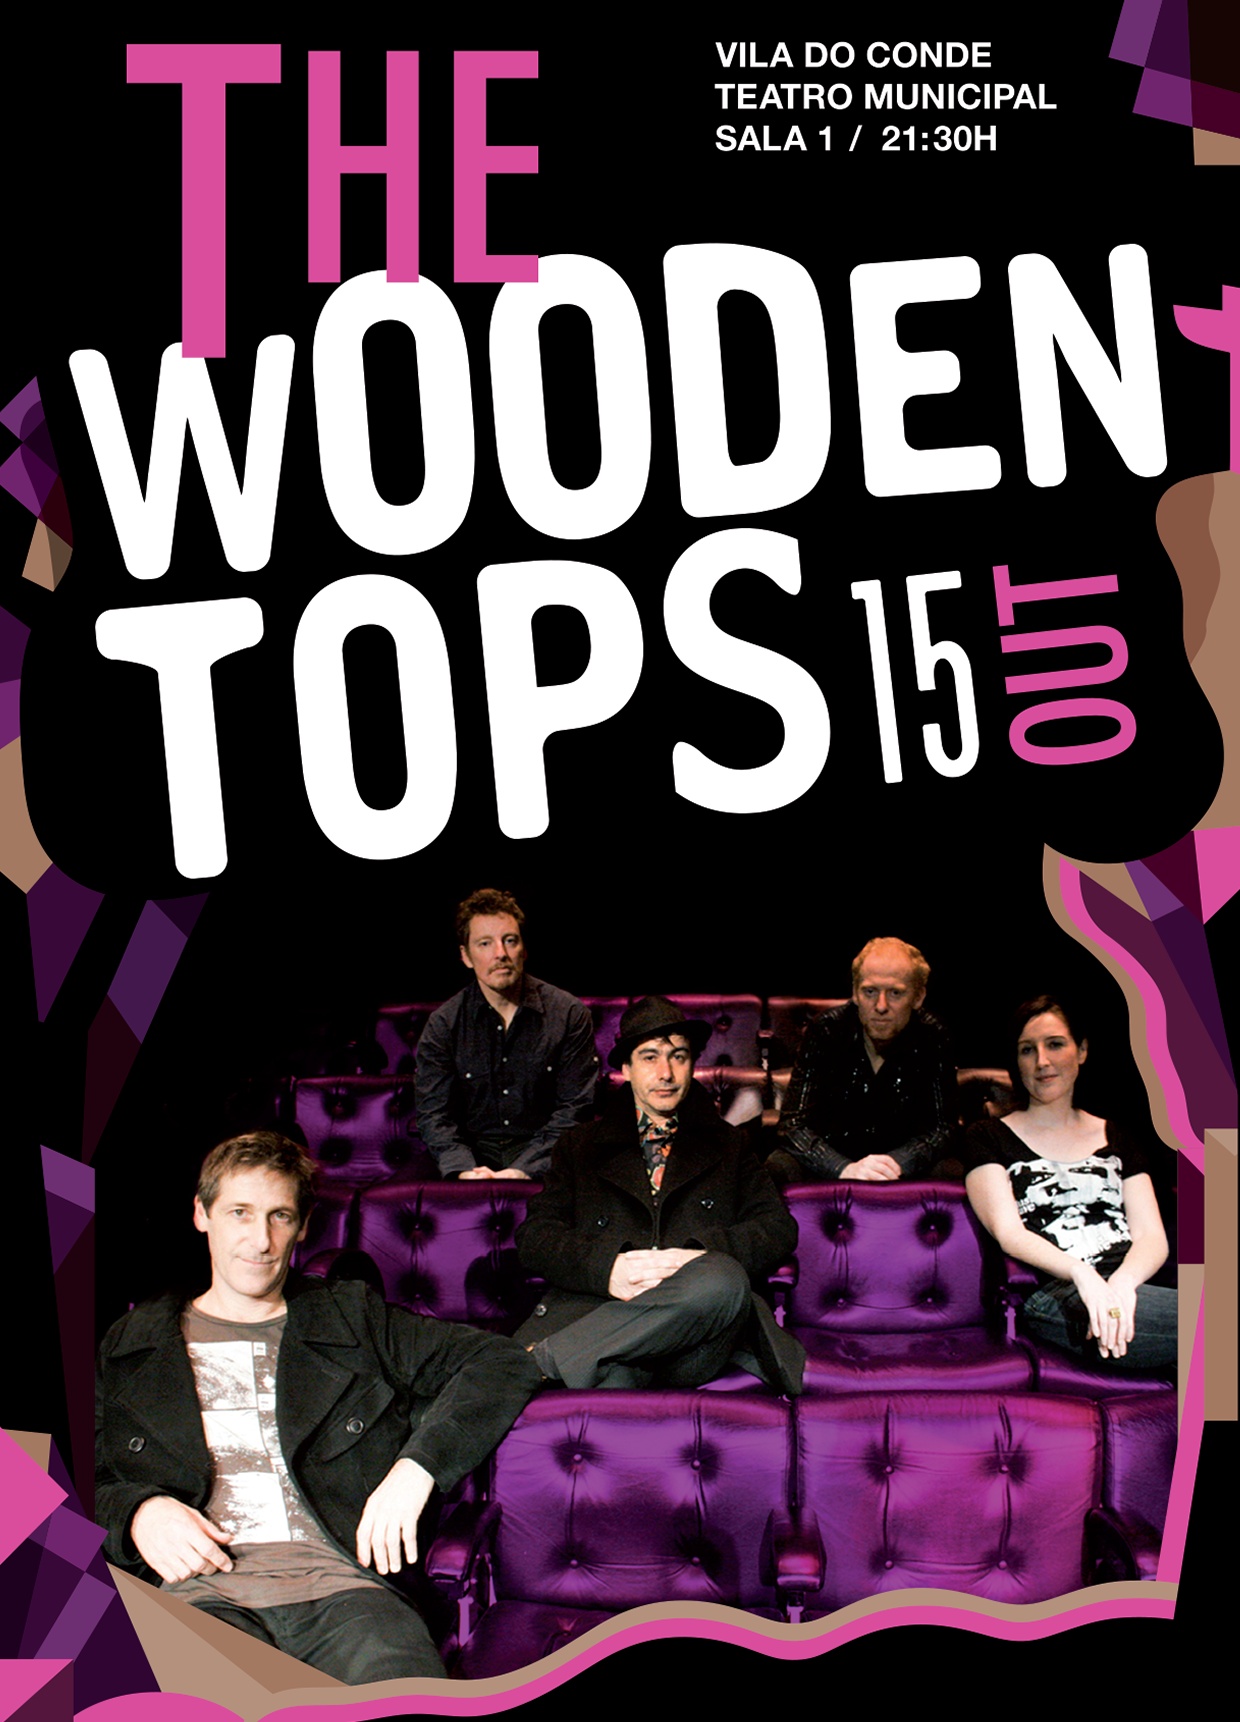 wodentops-2